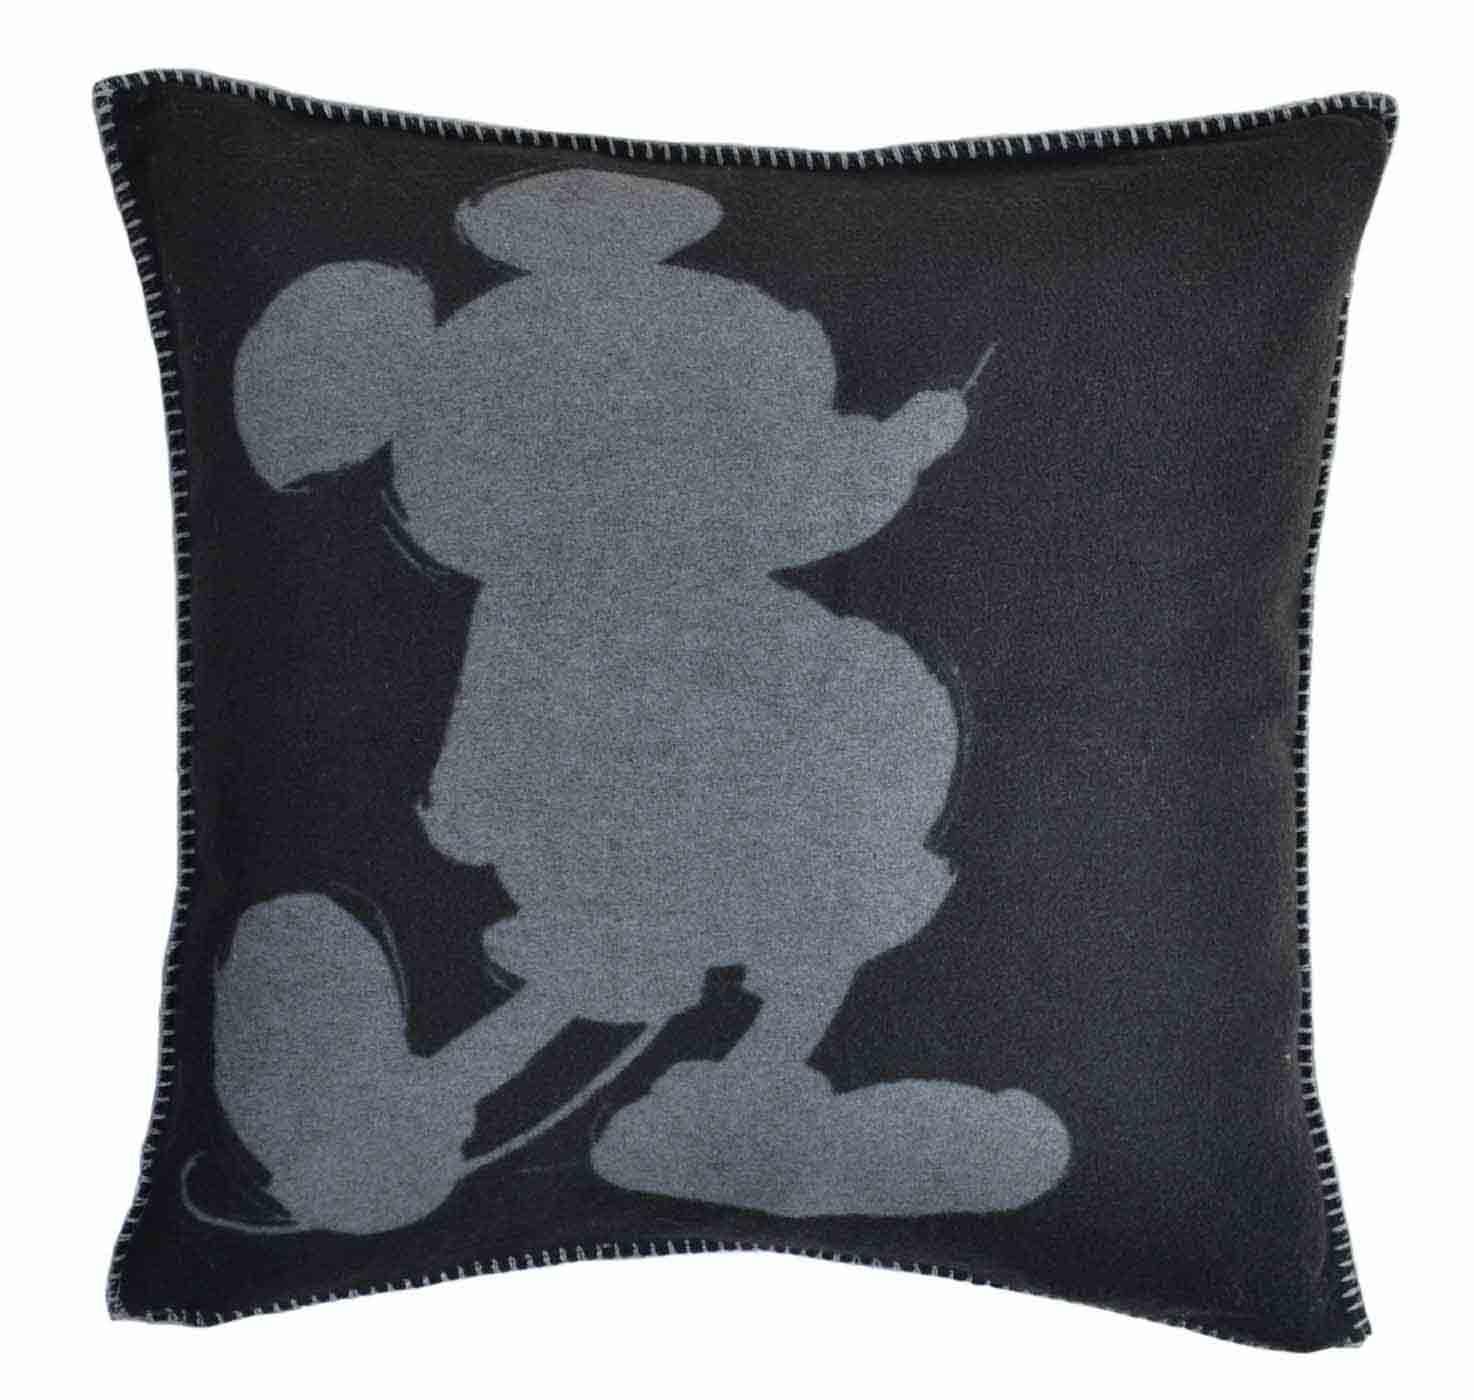 Sofakissenbezug mickey soft mouse von zoeppritz auf for Raumgestaltung von hoegen